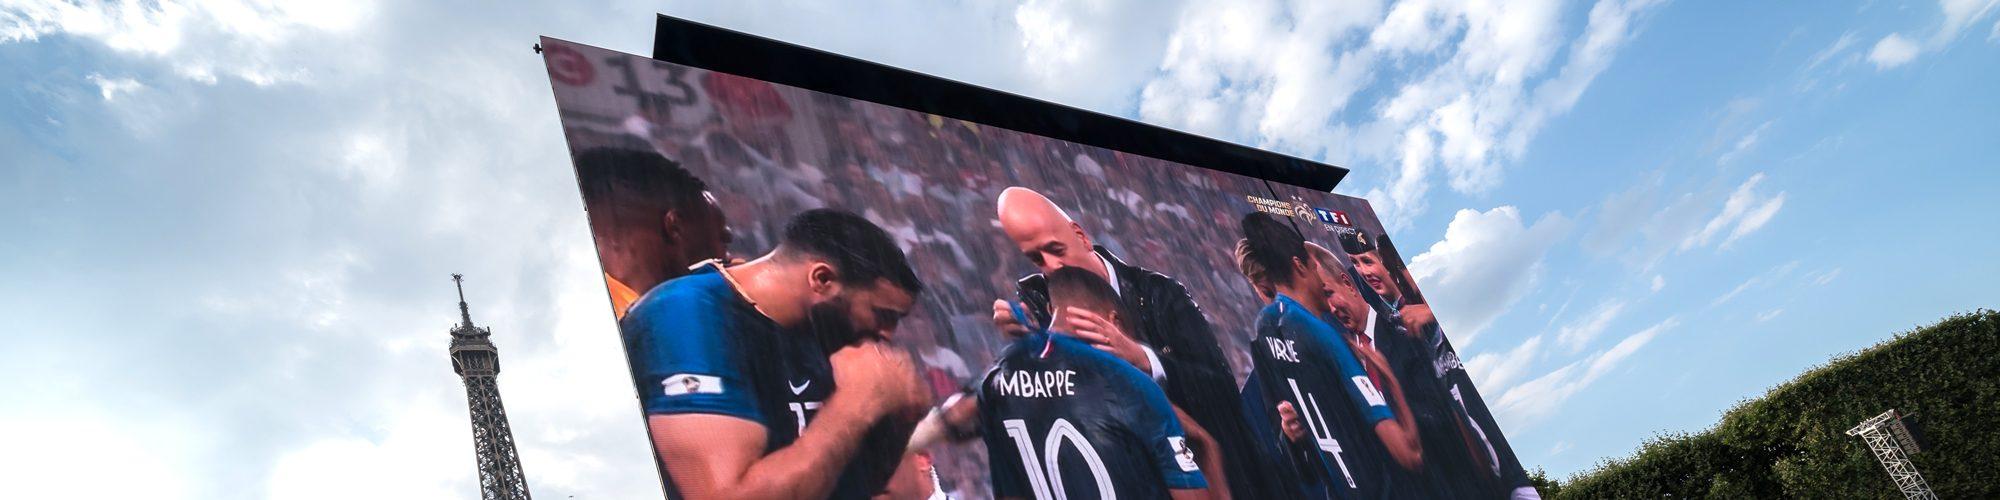 ecran-video-LED-Supervision-Fan-Zone-Paris-Coupe-du-Monde-FIFA-Russia2018